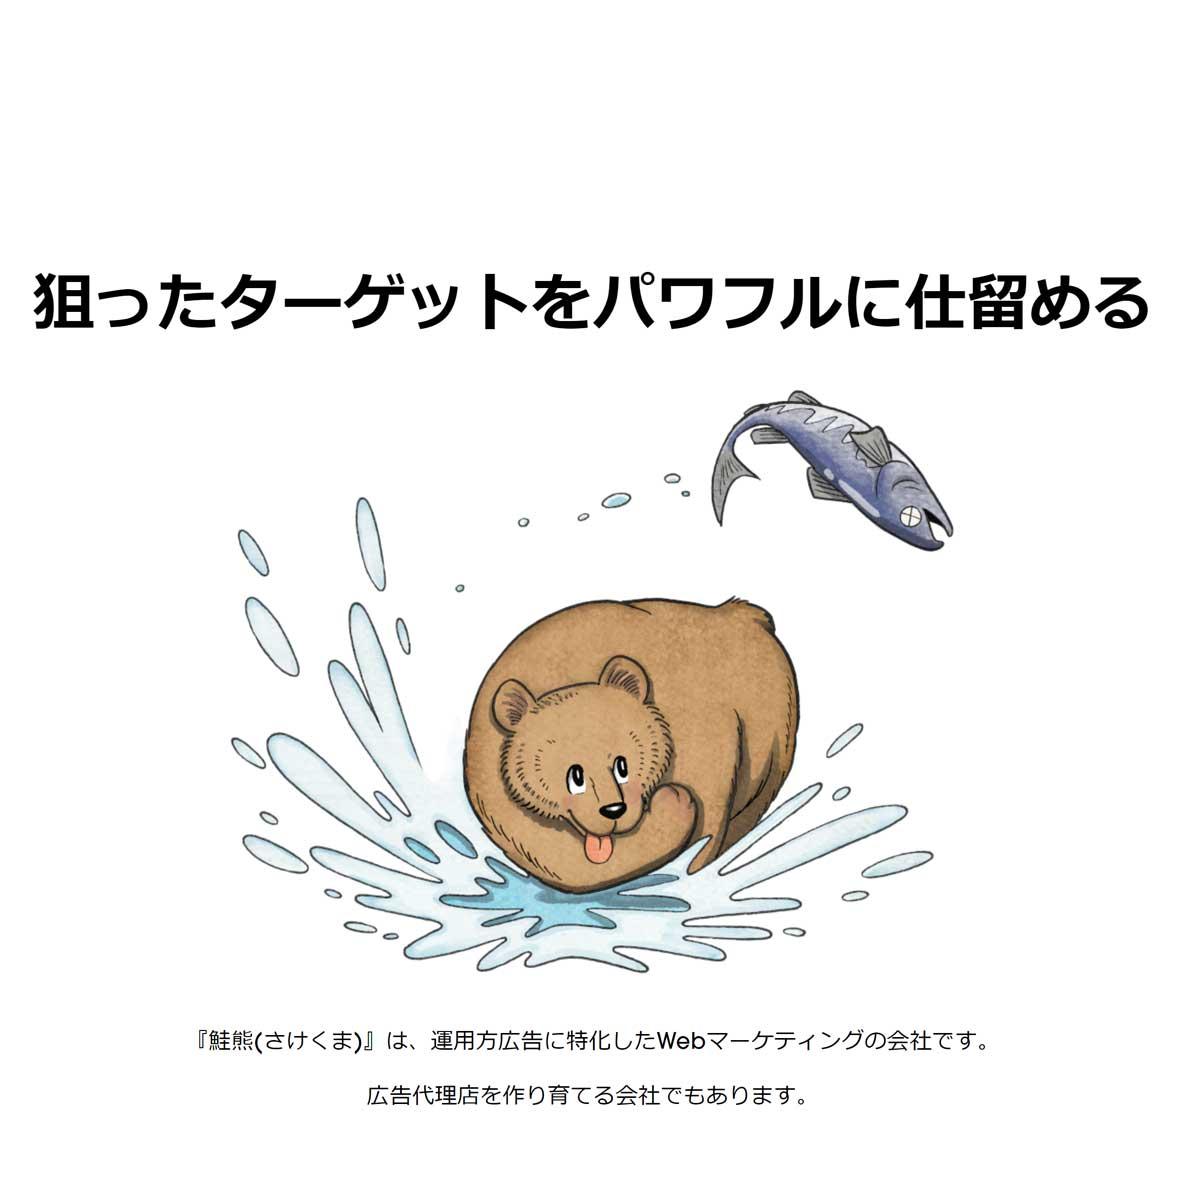 コーポレートサイト・イラスト(株式会社鮭熊)